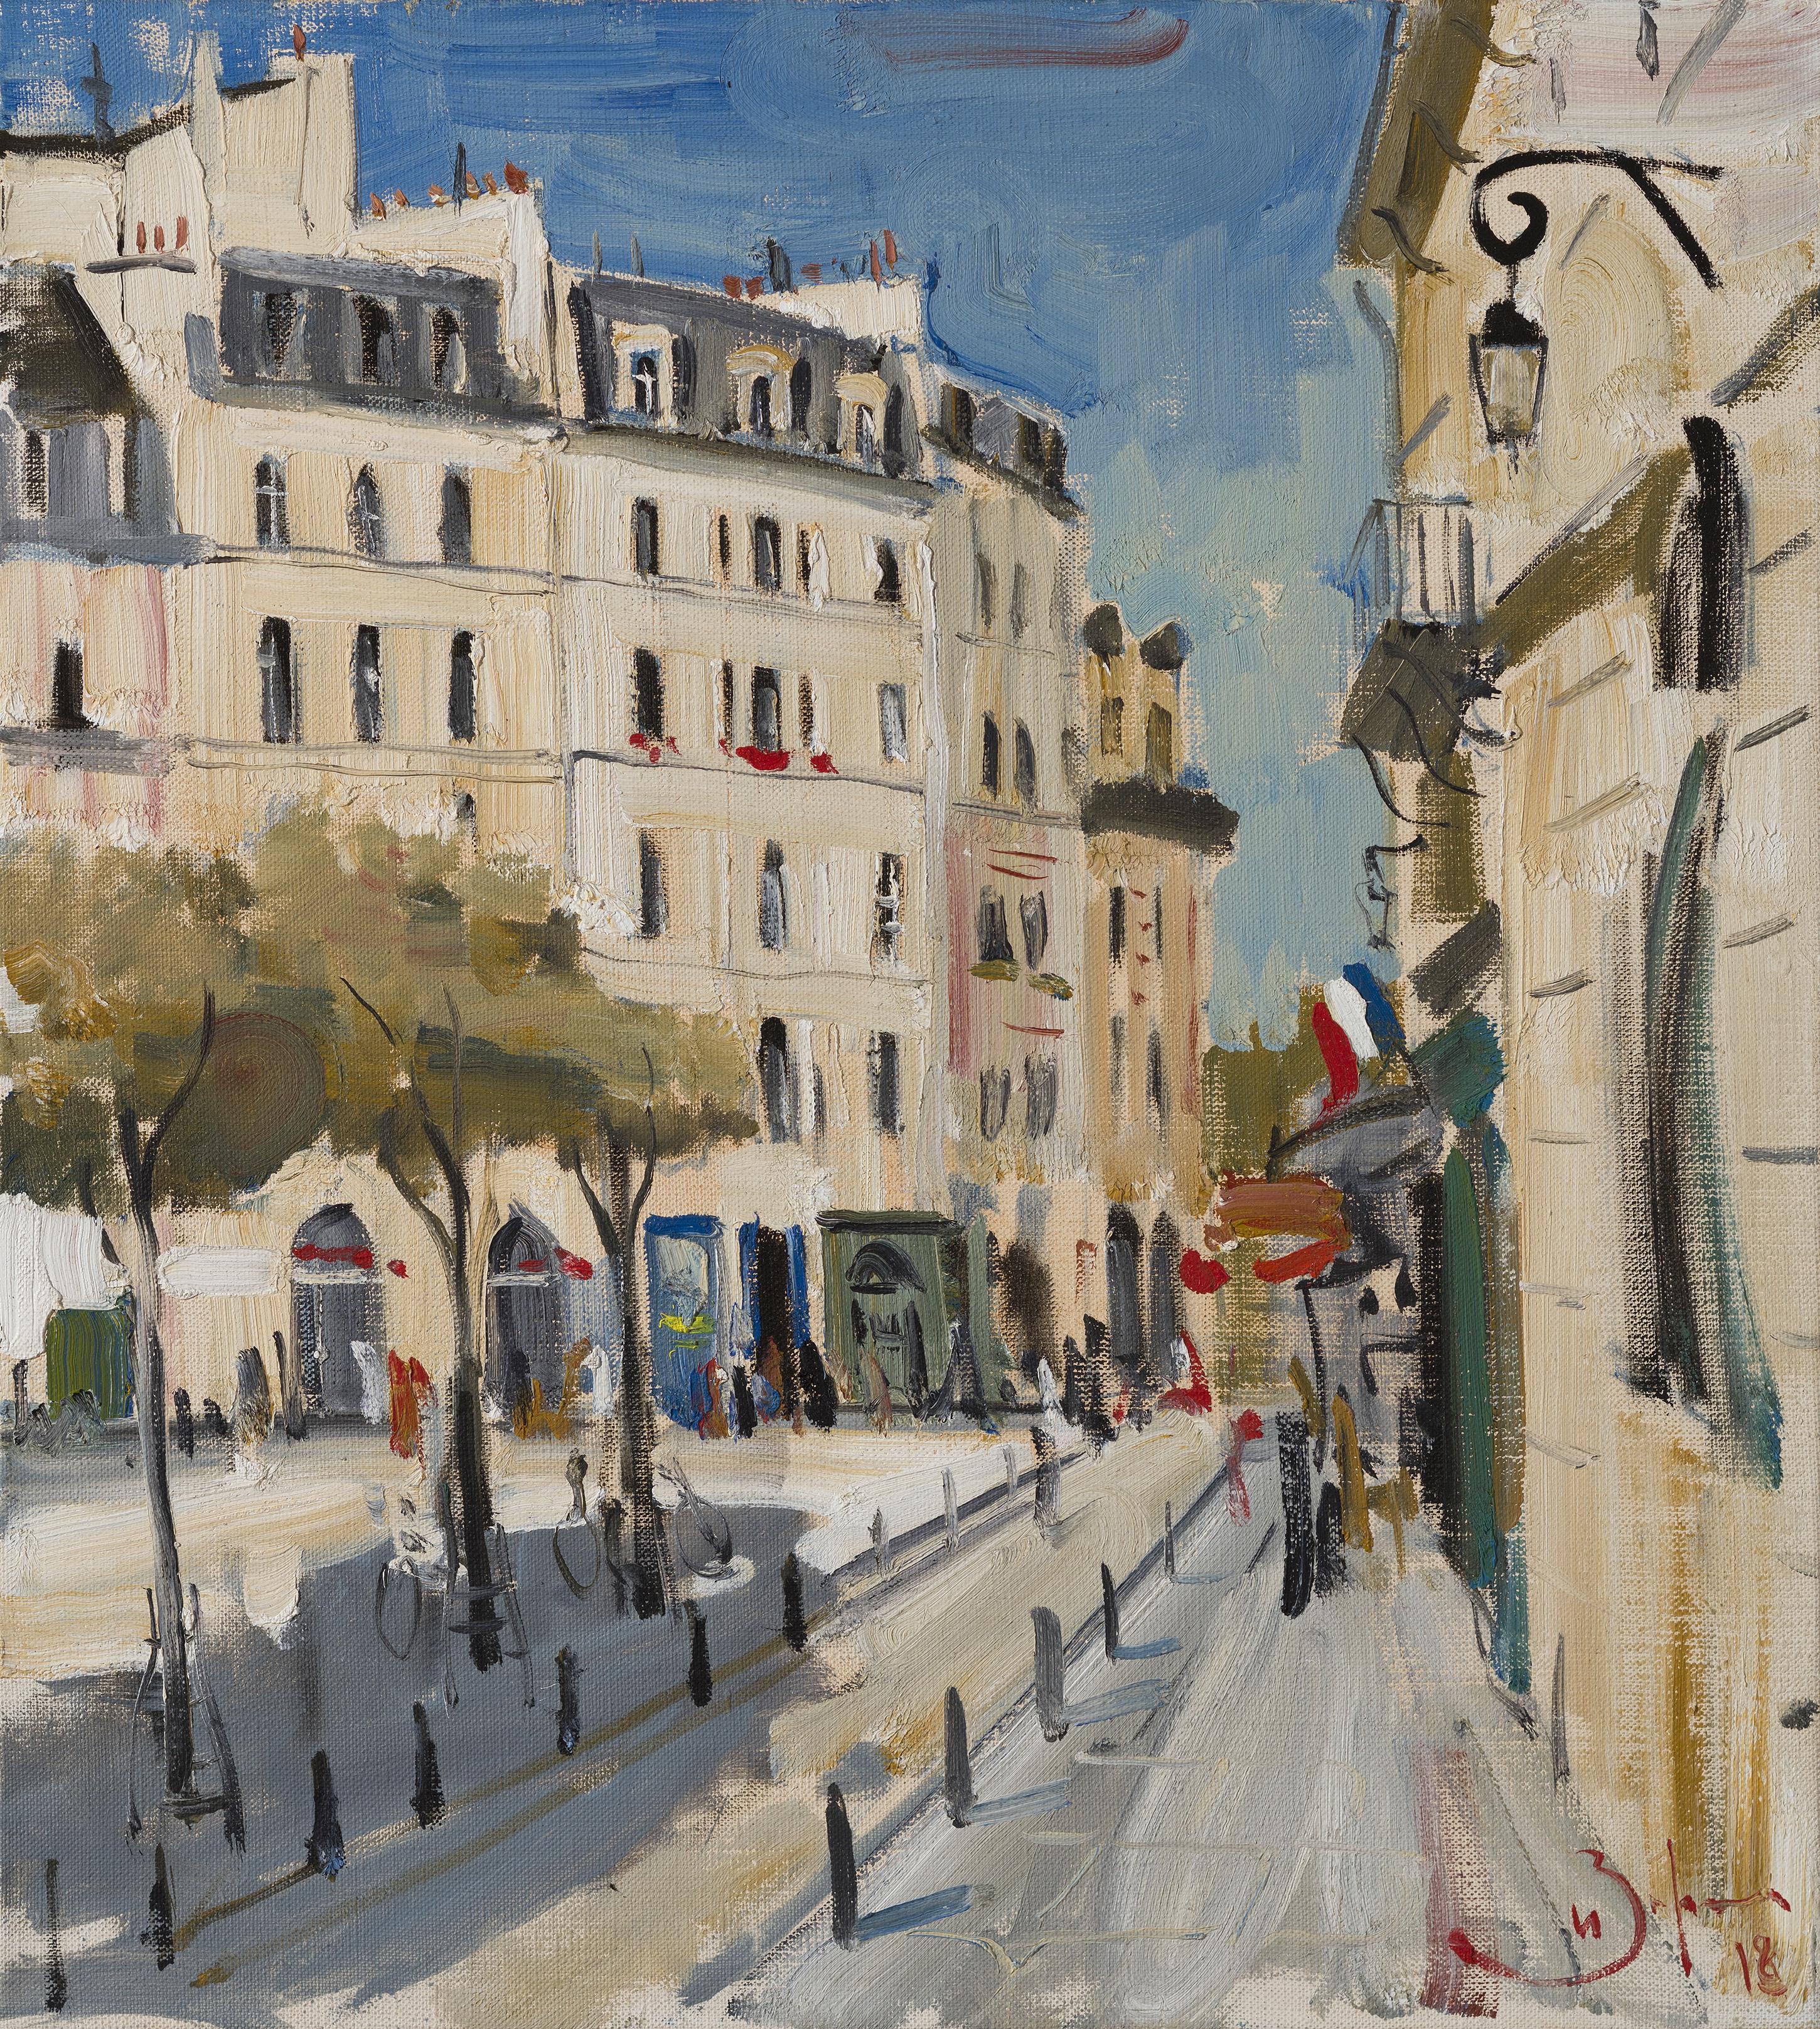 Paris. Place Dauphine - 21st Century Contemporary Urban Landscape Oil Painting